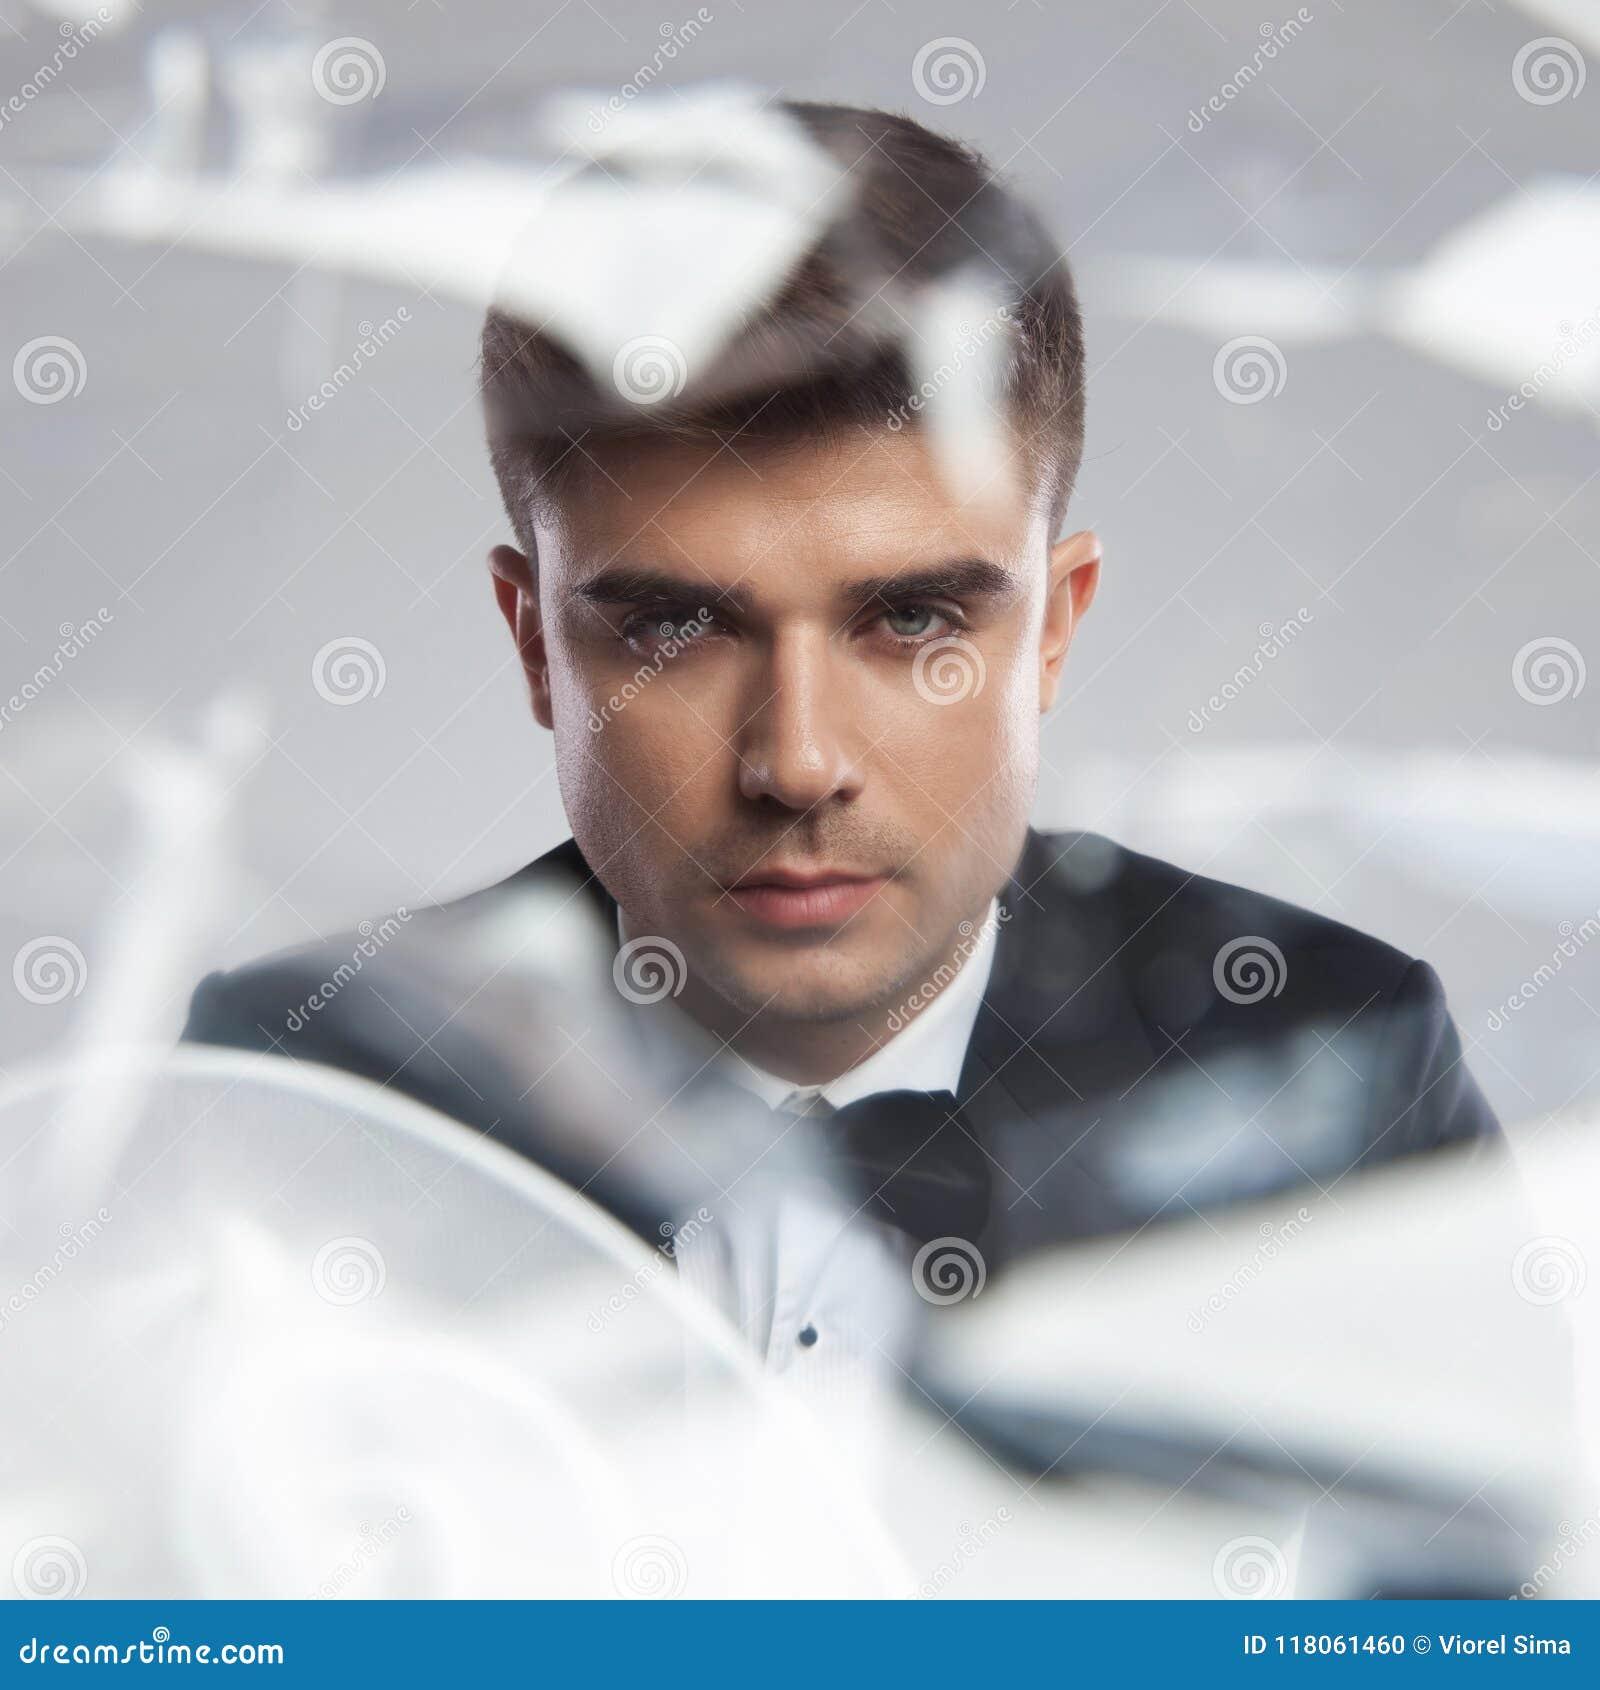 Spiegelreflexionsporträt eines jungen eleganten Mannes